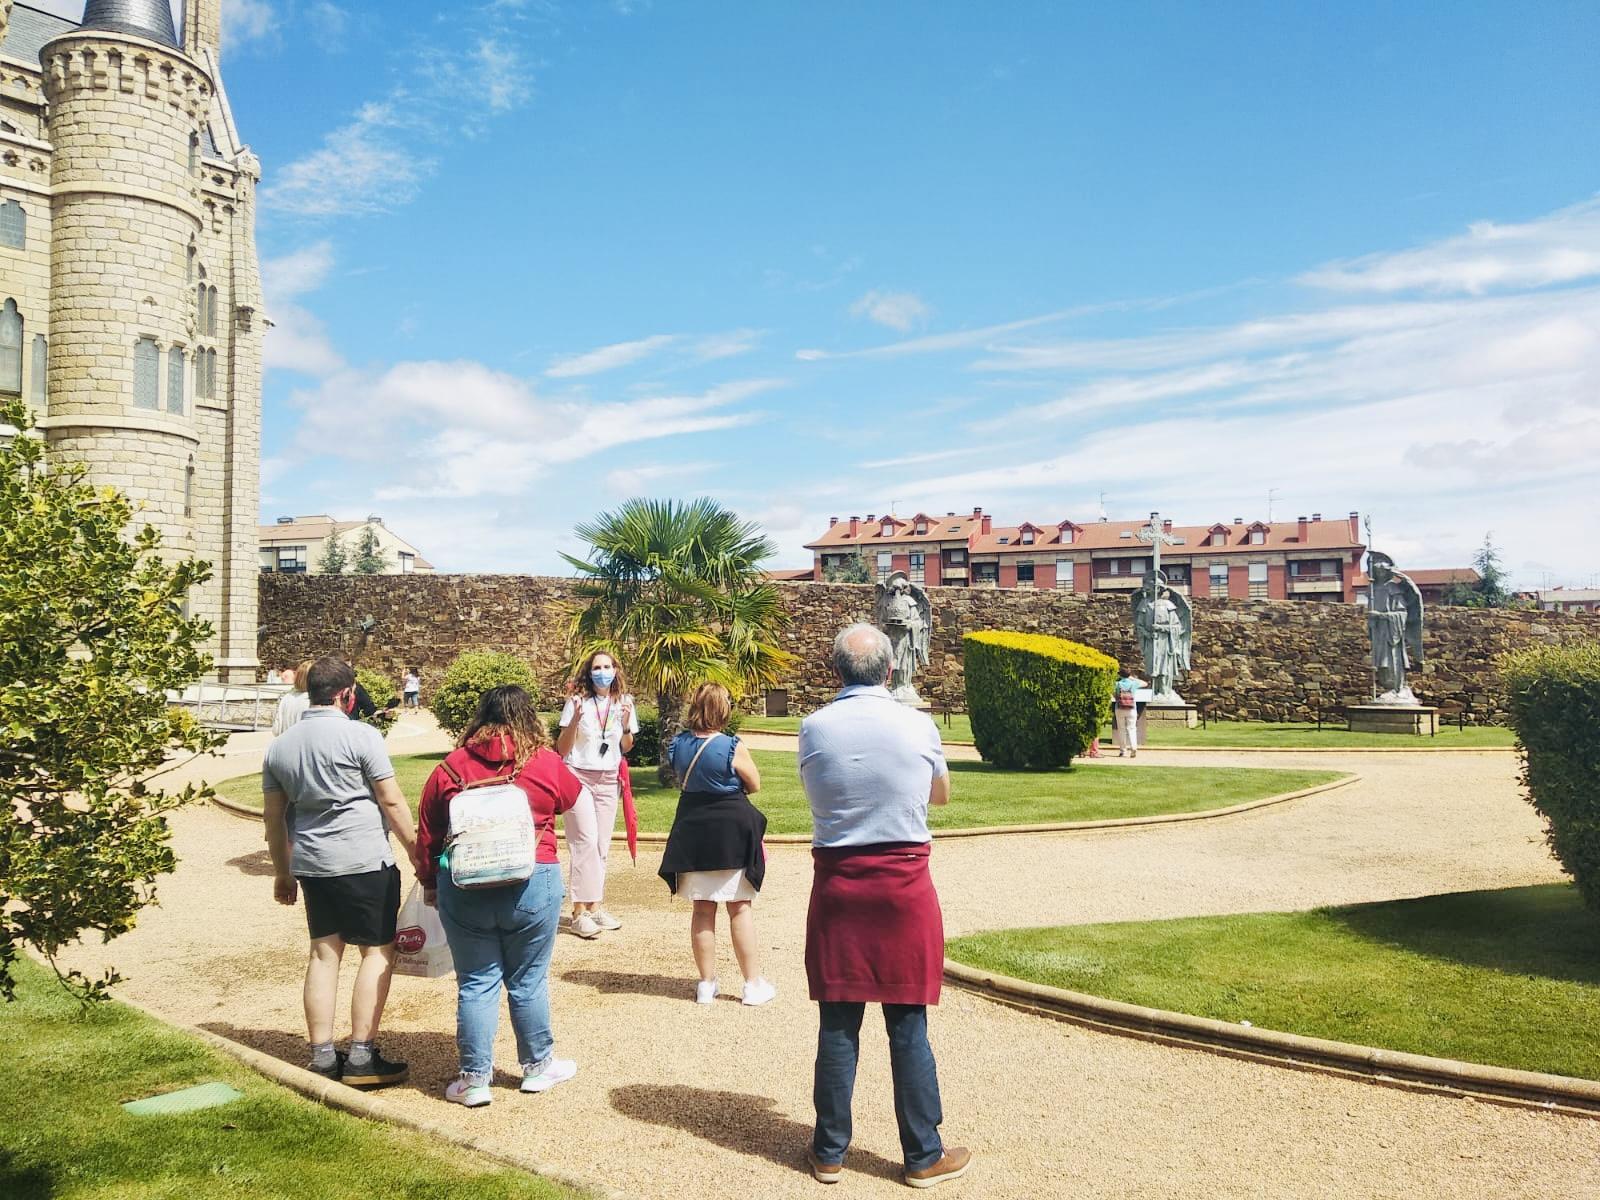 Visita guiada privada que combina los principales recursos turísticos de la ciudad de Astorga como son la Catedral, el Palacio Episcopal y el centro histórico.